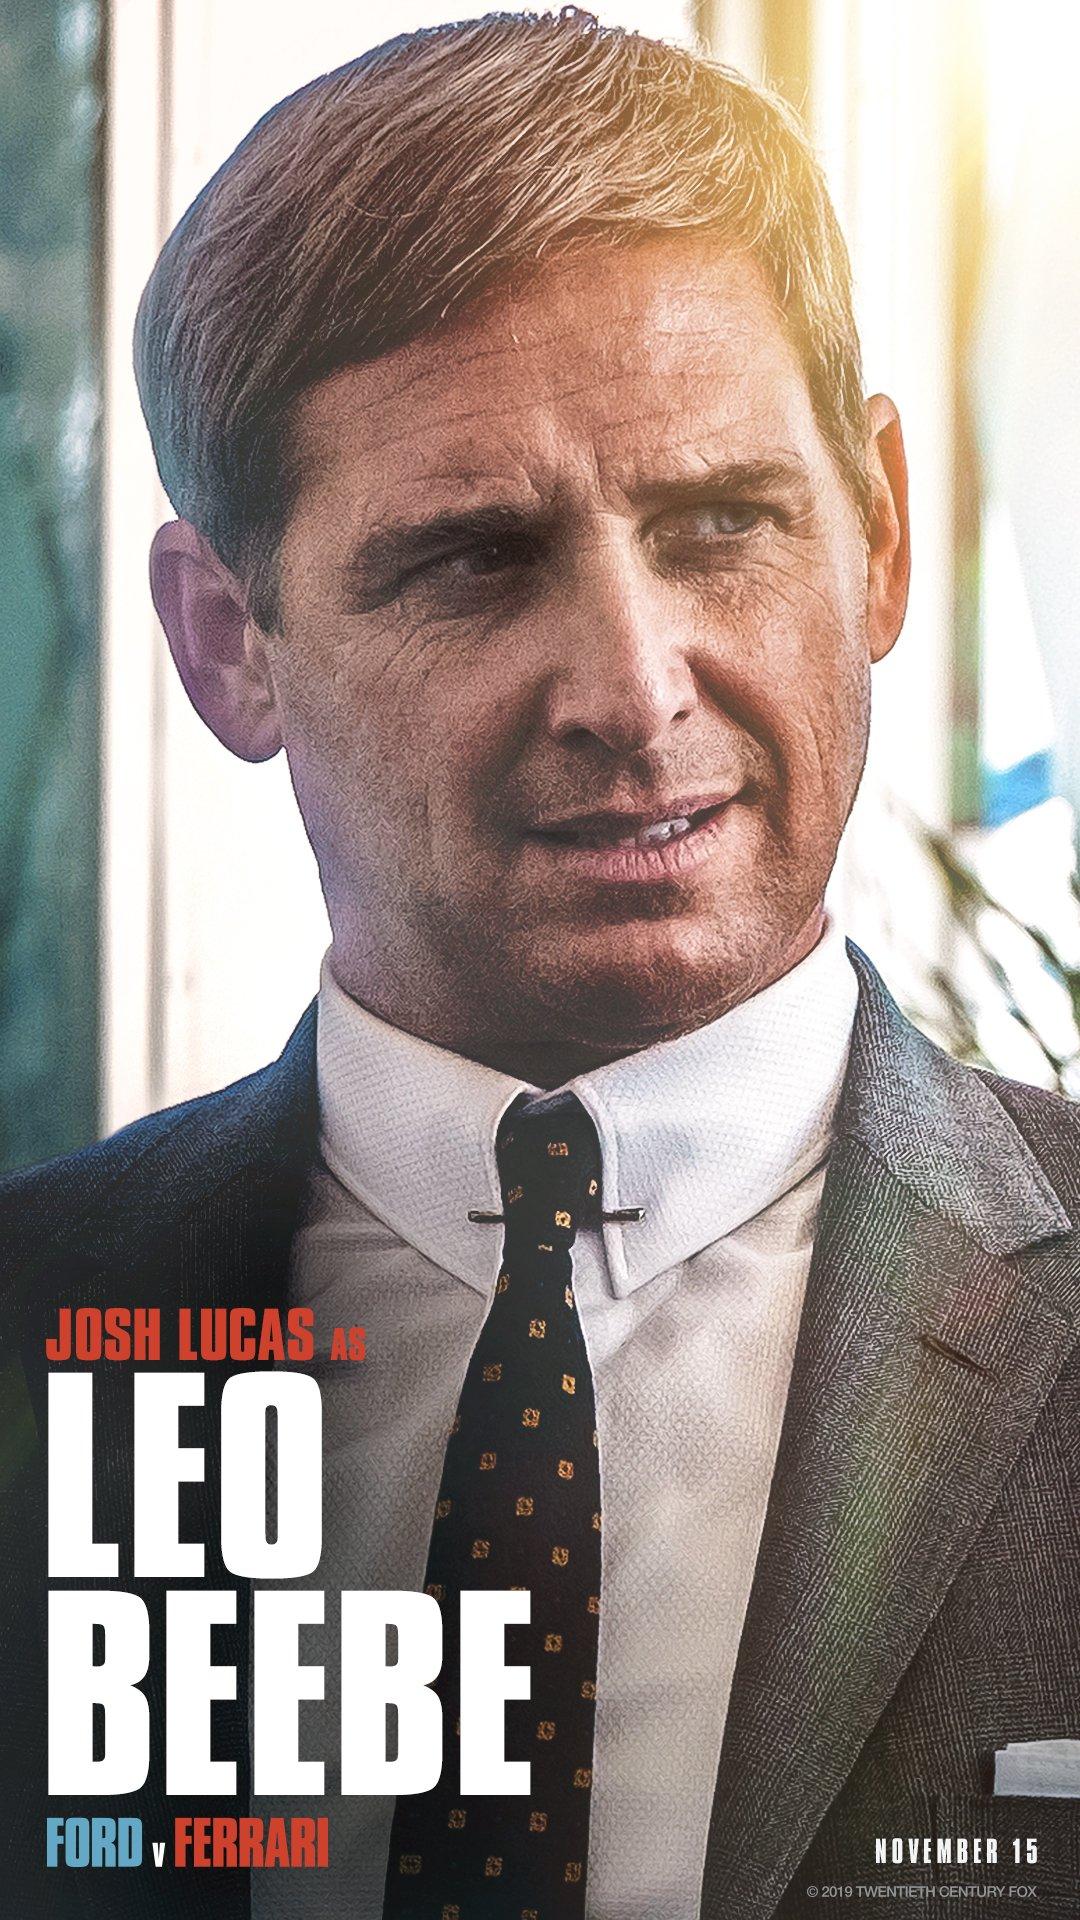 Ford V Ferrari On Twitter See Josh Lucas As Leo Beebe In Fordvferrari In Theaters November 15